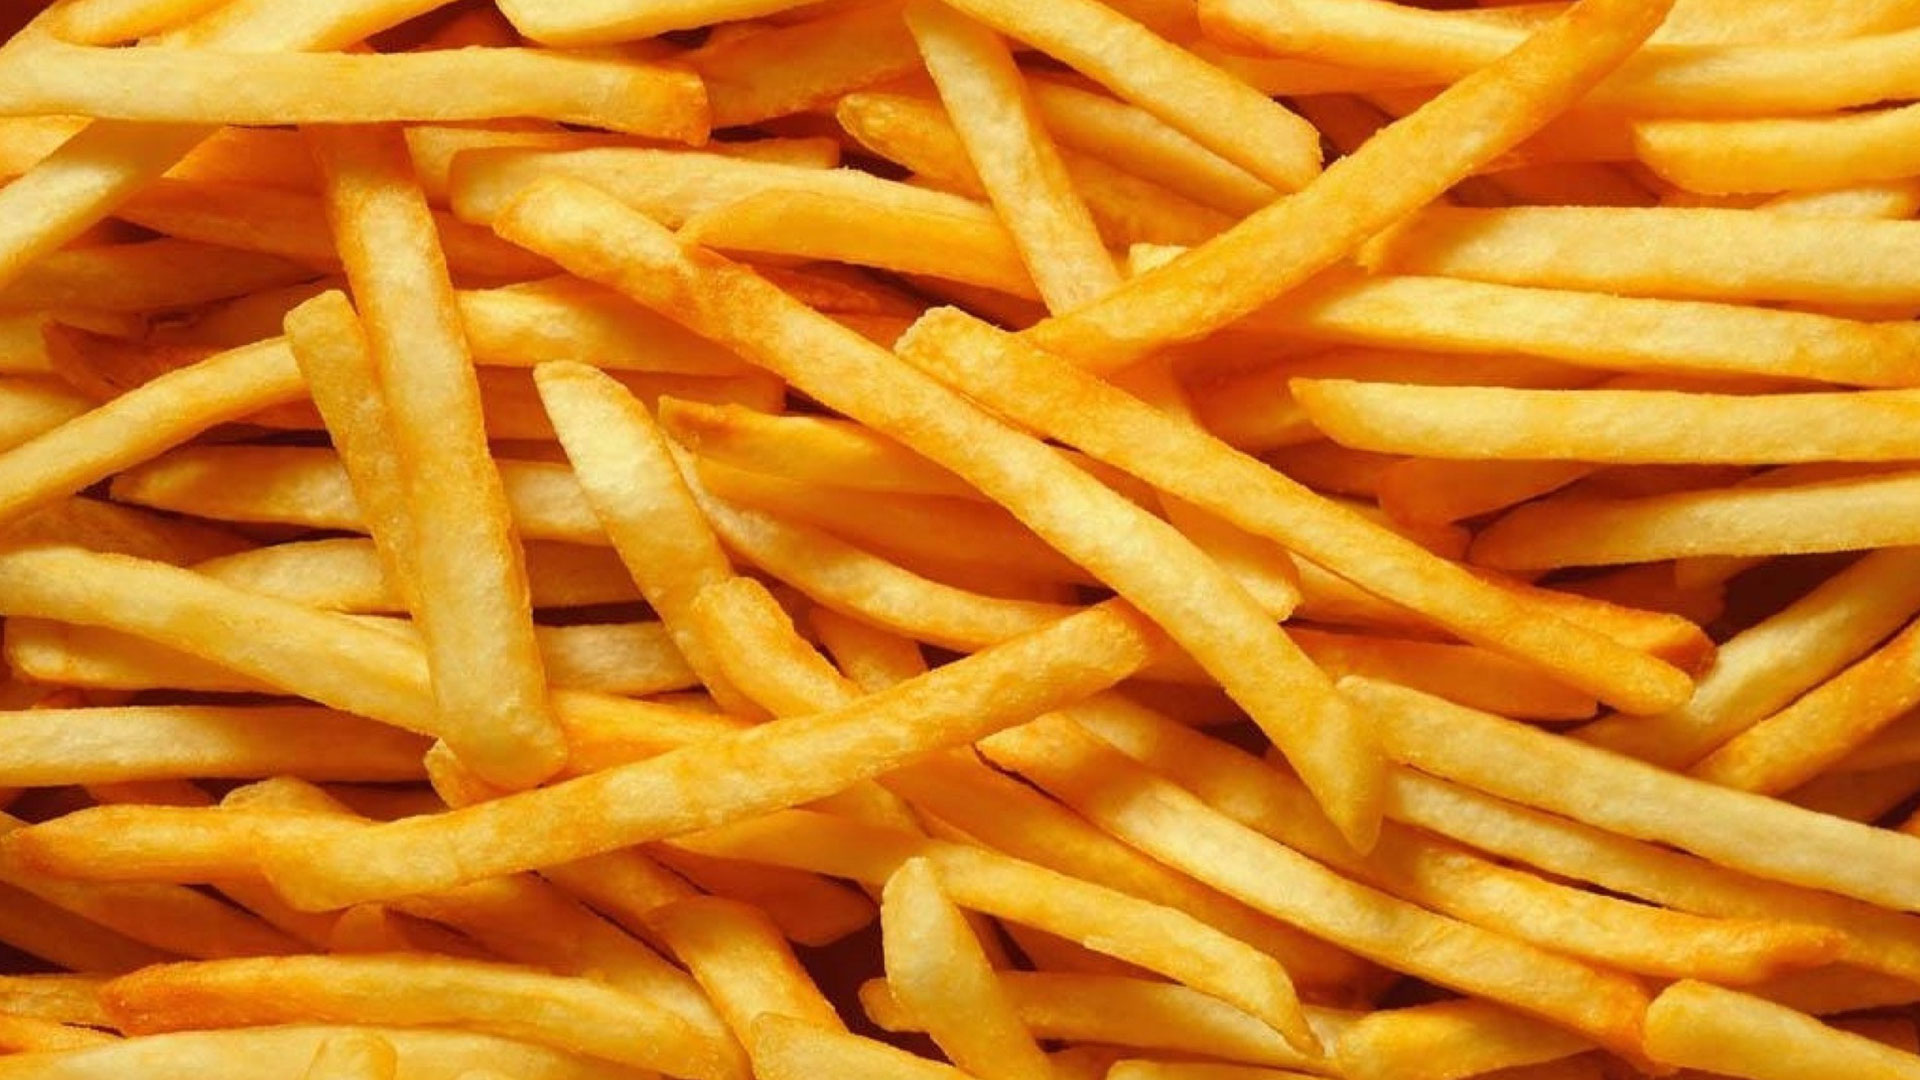 ¿Pueden las patatas fritas aumentar el riesgo de muerte?